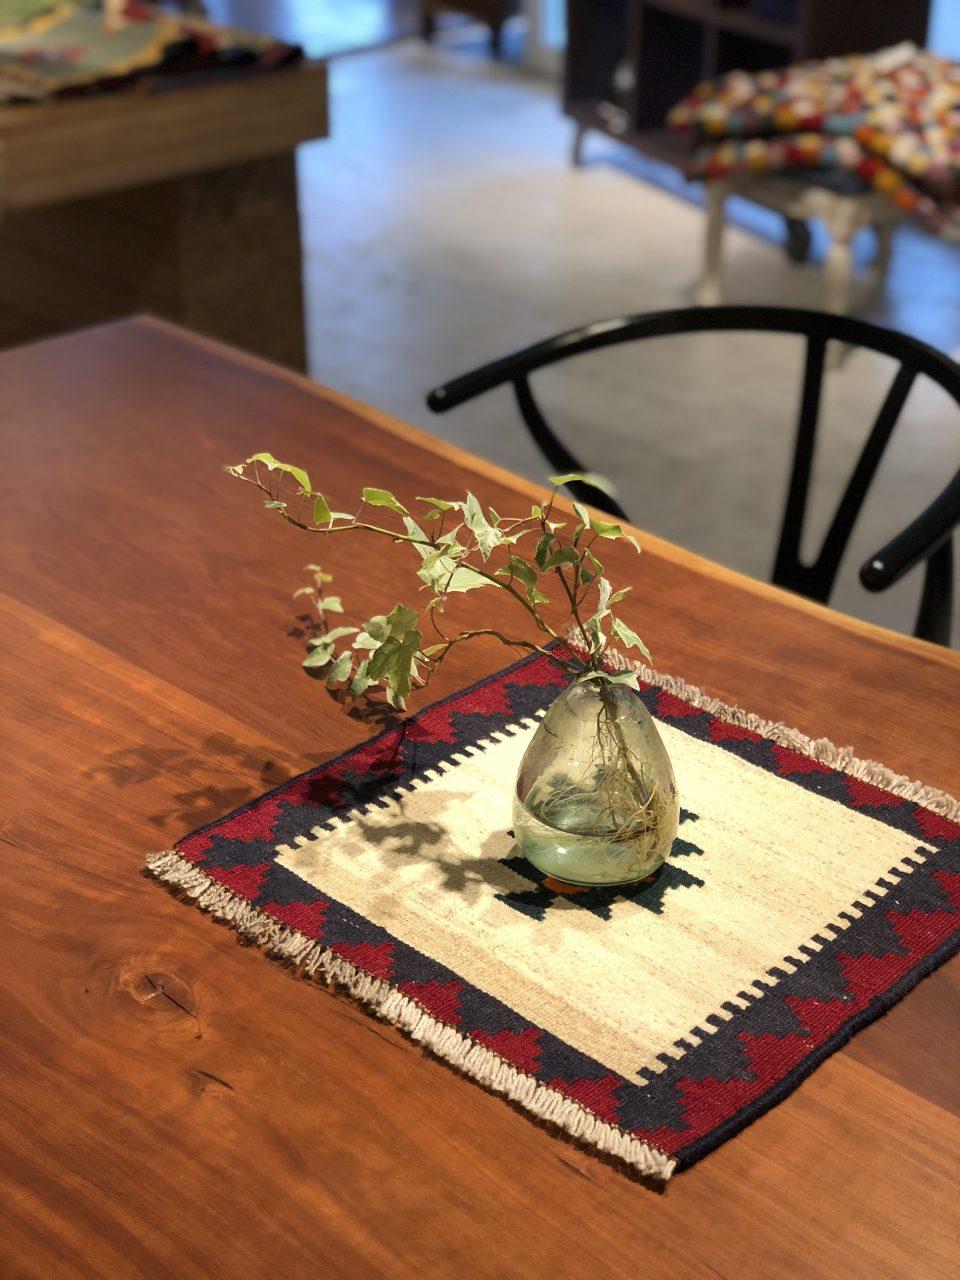 イラン、ペルシャのミニキリムをテーブルにアクセントとして使い、植物の下に敷きました